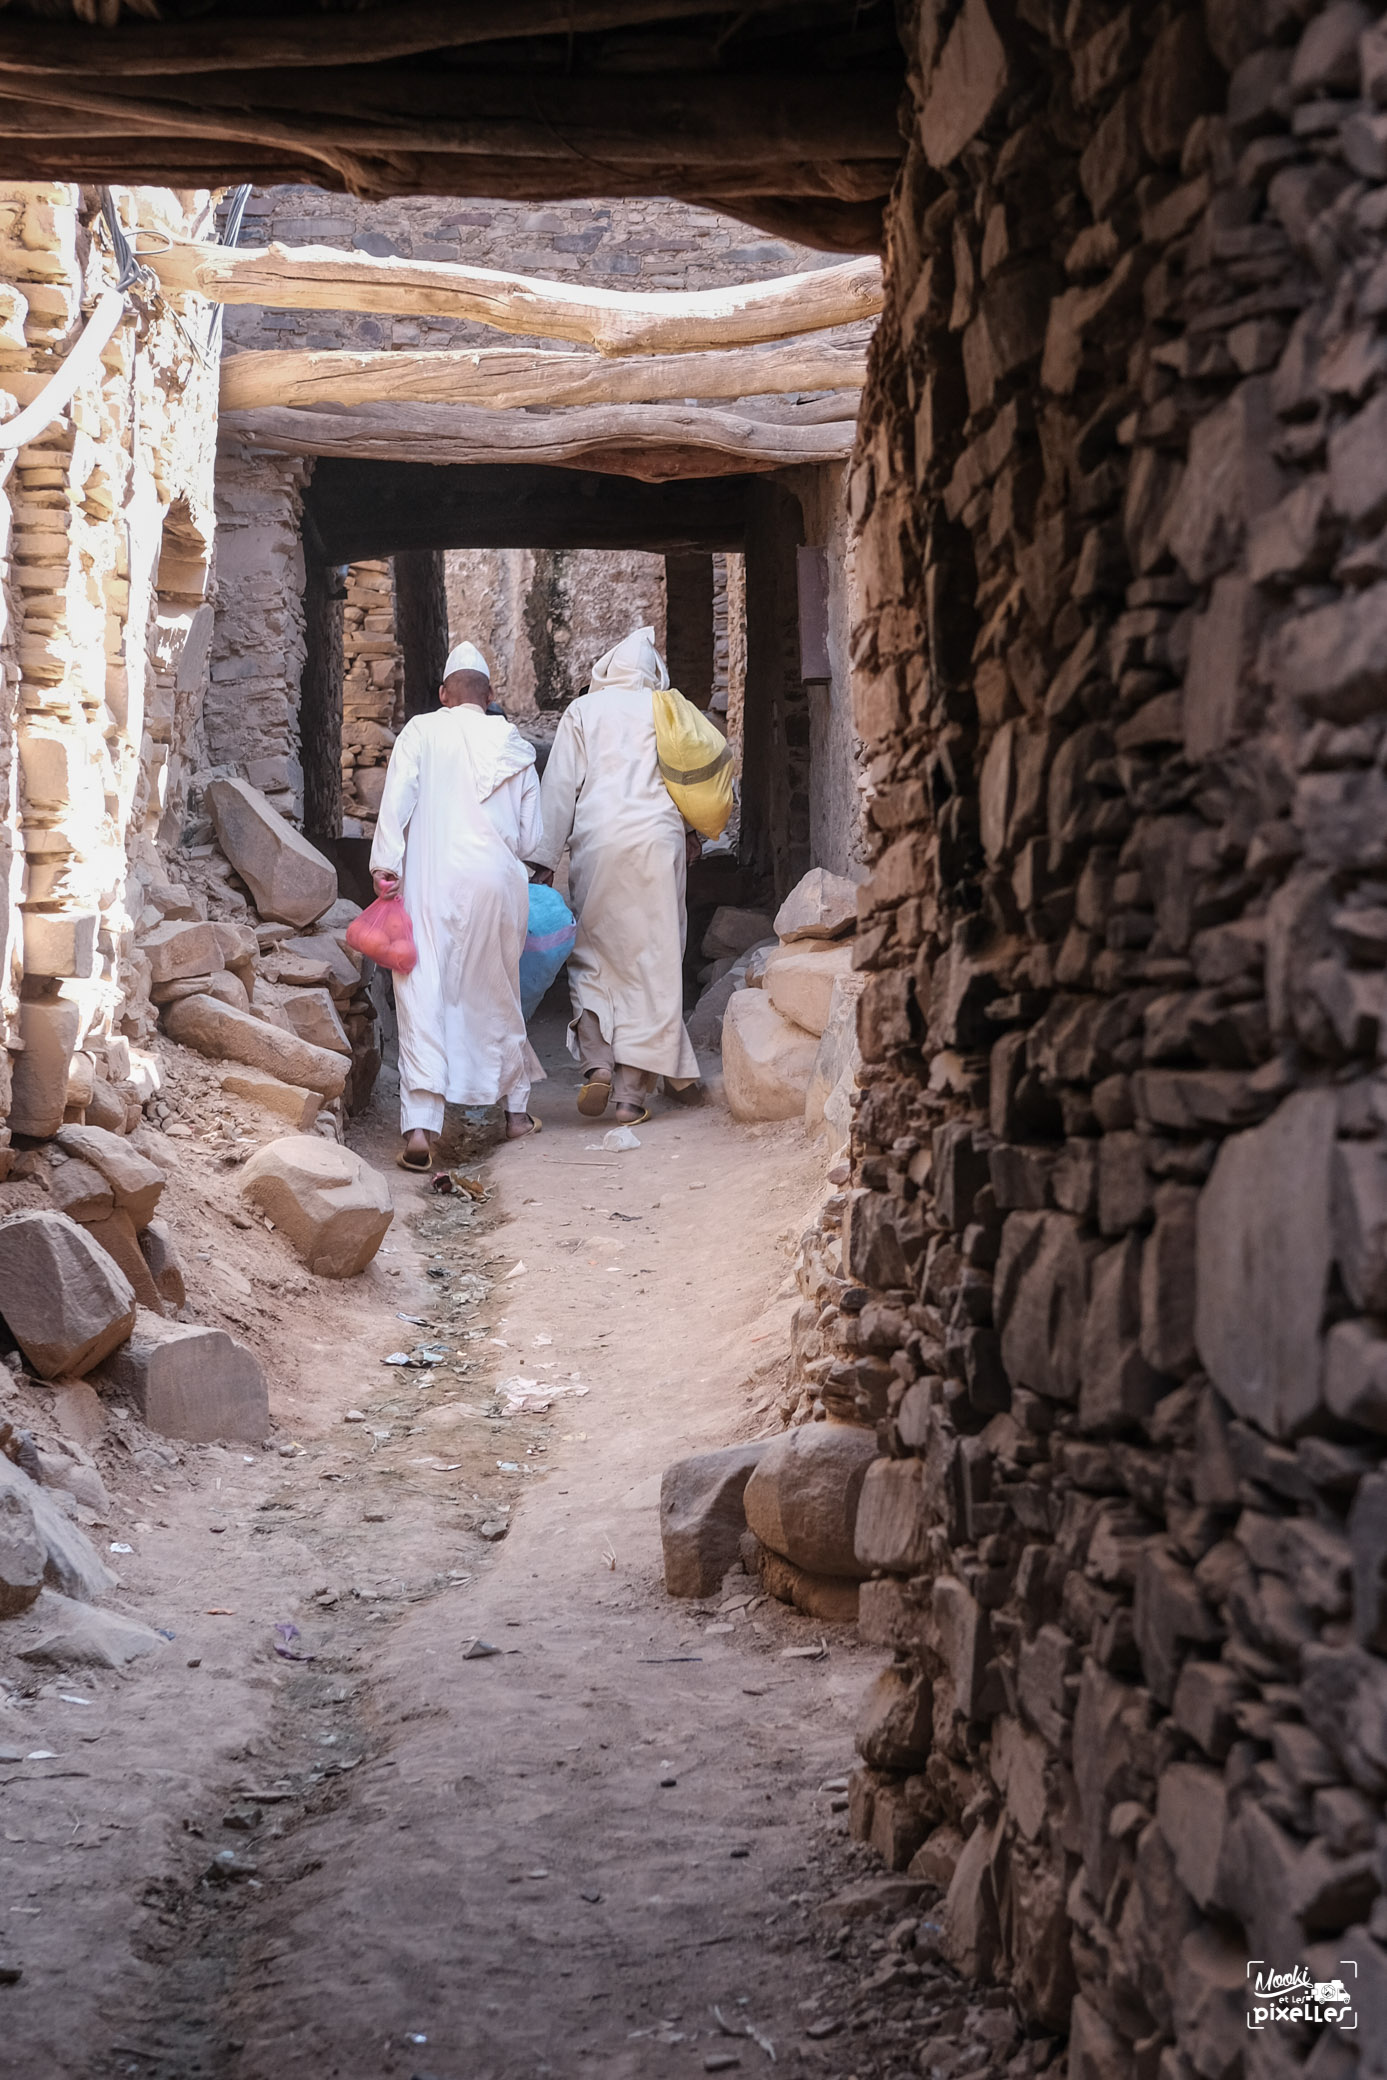 Hommes traversant une ruelle d'un petit village au Maroc